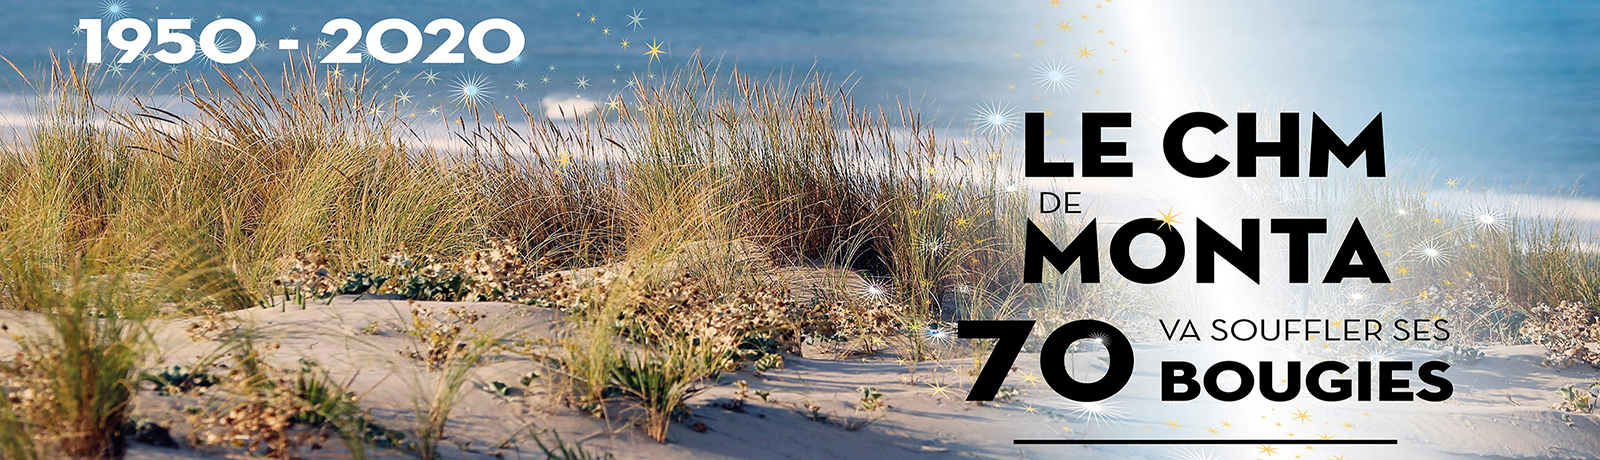 - 20% für alle Reservierungen vor dem 29/02/2020 !